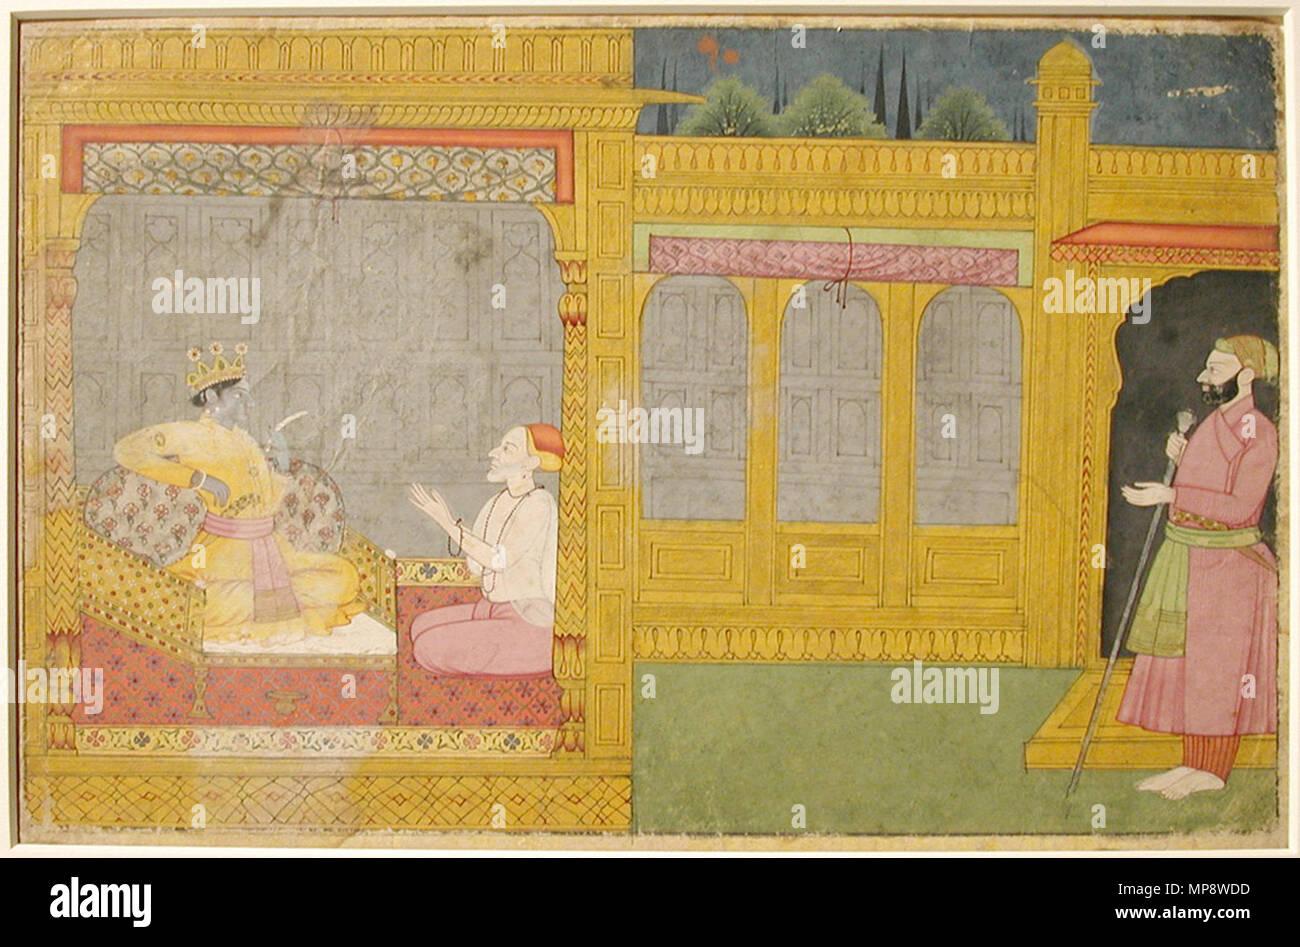 . Englisch: Serie Titel: Die Entführung von Rukmini aus dem alten Text des Herrn Suite Name: Rukmini Harana von Bhagavata Purana Erstellungsdatum: Ca. 1795 Display Abmessungen: 7 3/4 x 11 5/8 in. (19,7 cm x 29,5 cm) Kreditlinie: Edwin Binney 3 Sammlung Beitritt Artikelnummer: 1990.1322 Sammlung: <a href='Http://www.sdmart.org/art/our-collection/asian-art' rel='nofollow'> Die San Diego Museum der Kunst</a>. 6. September 2011, 14:32:19. Englisch: thesandiegomuseumofartcollection 776 Krishna Lesen der Nachricht von Rukmini (6125137408) Stockbild